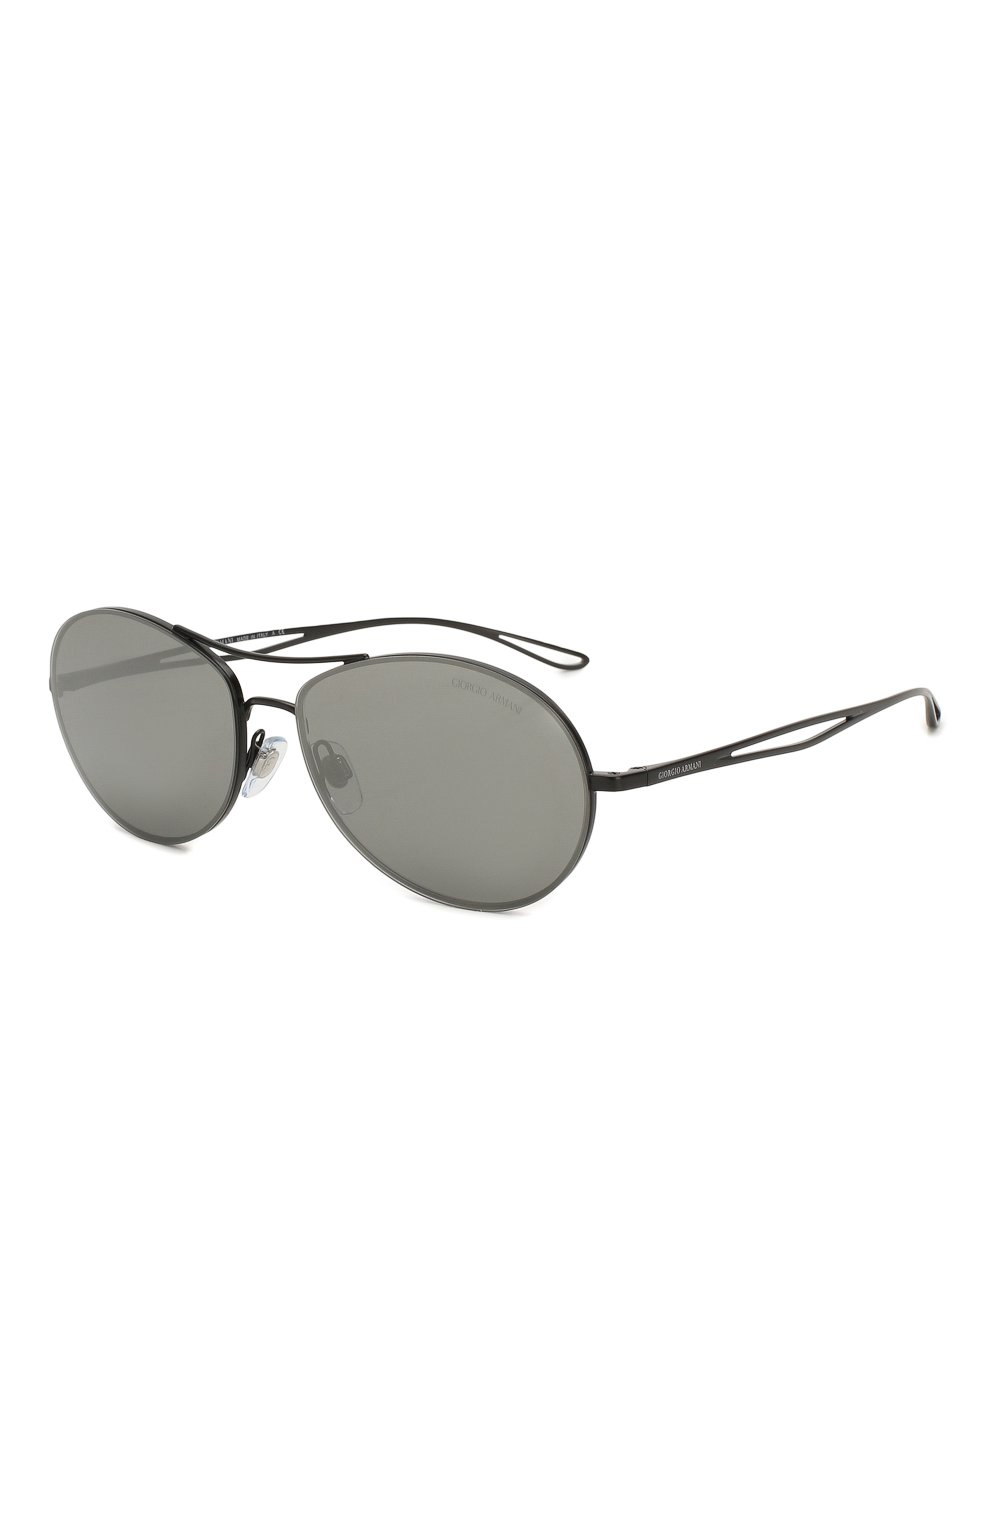 Женские солнцезащитные очки GIORGIO ARMANI серого цвета, арт. 6099-30016G | Фото 1